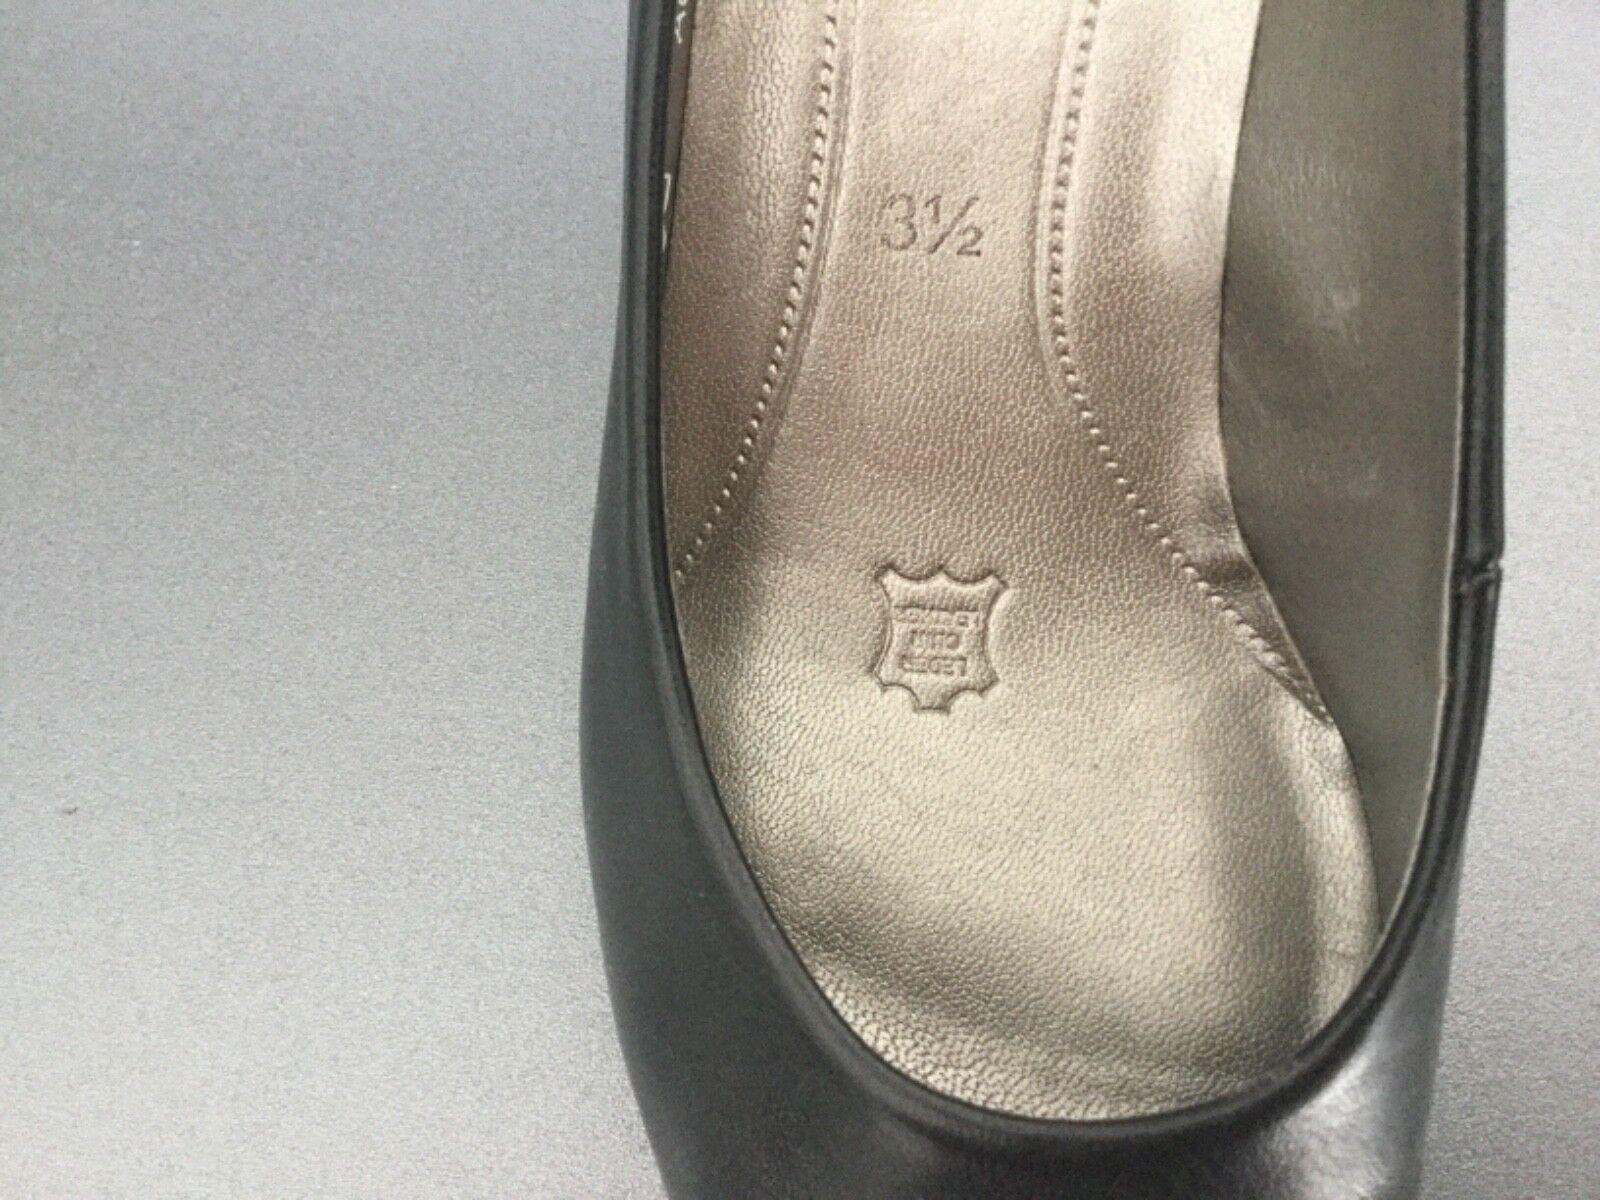 Gabor eleganter Pumps 6 schwarz, 37, 3,5, Leder, 6 Pumps cm Absatz, chic, neuwertig 959746